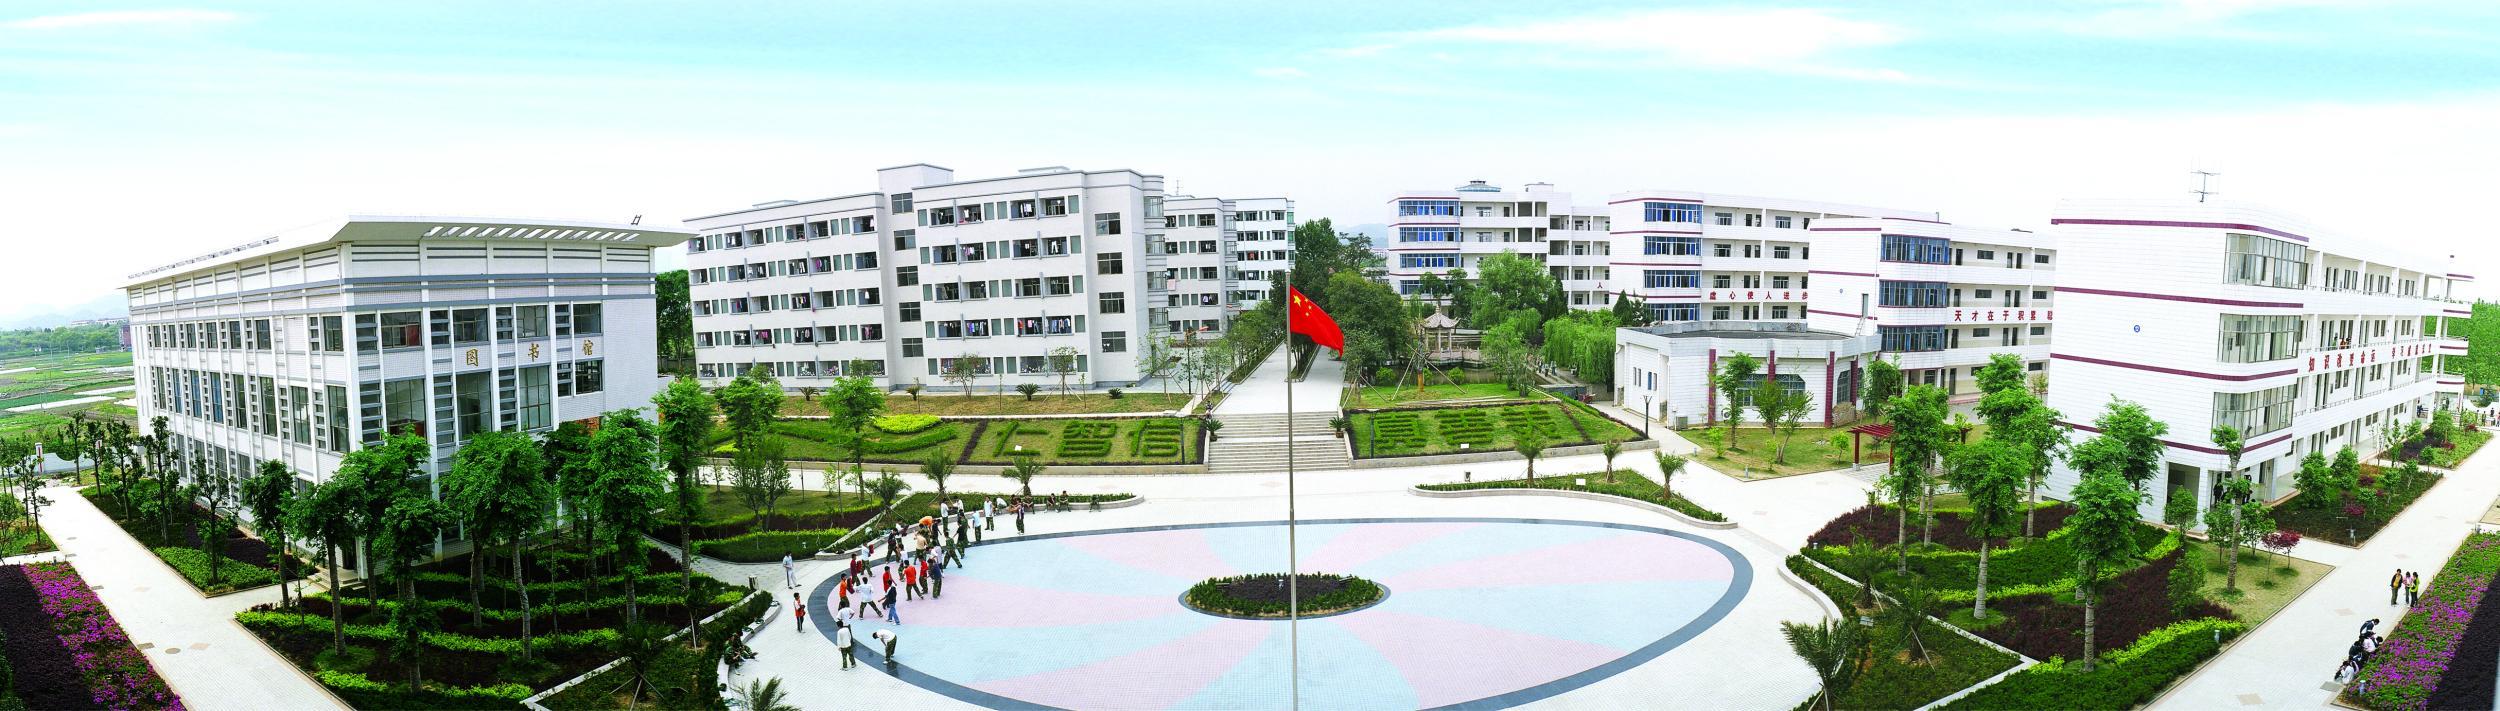 义乌市上溪高中和点初中一般v高中到中学上海几图片